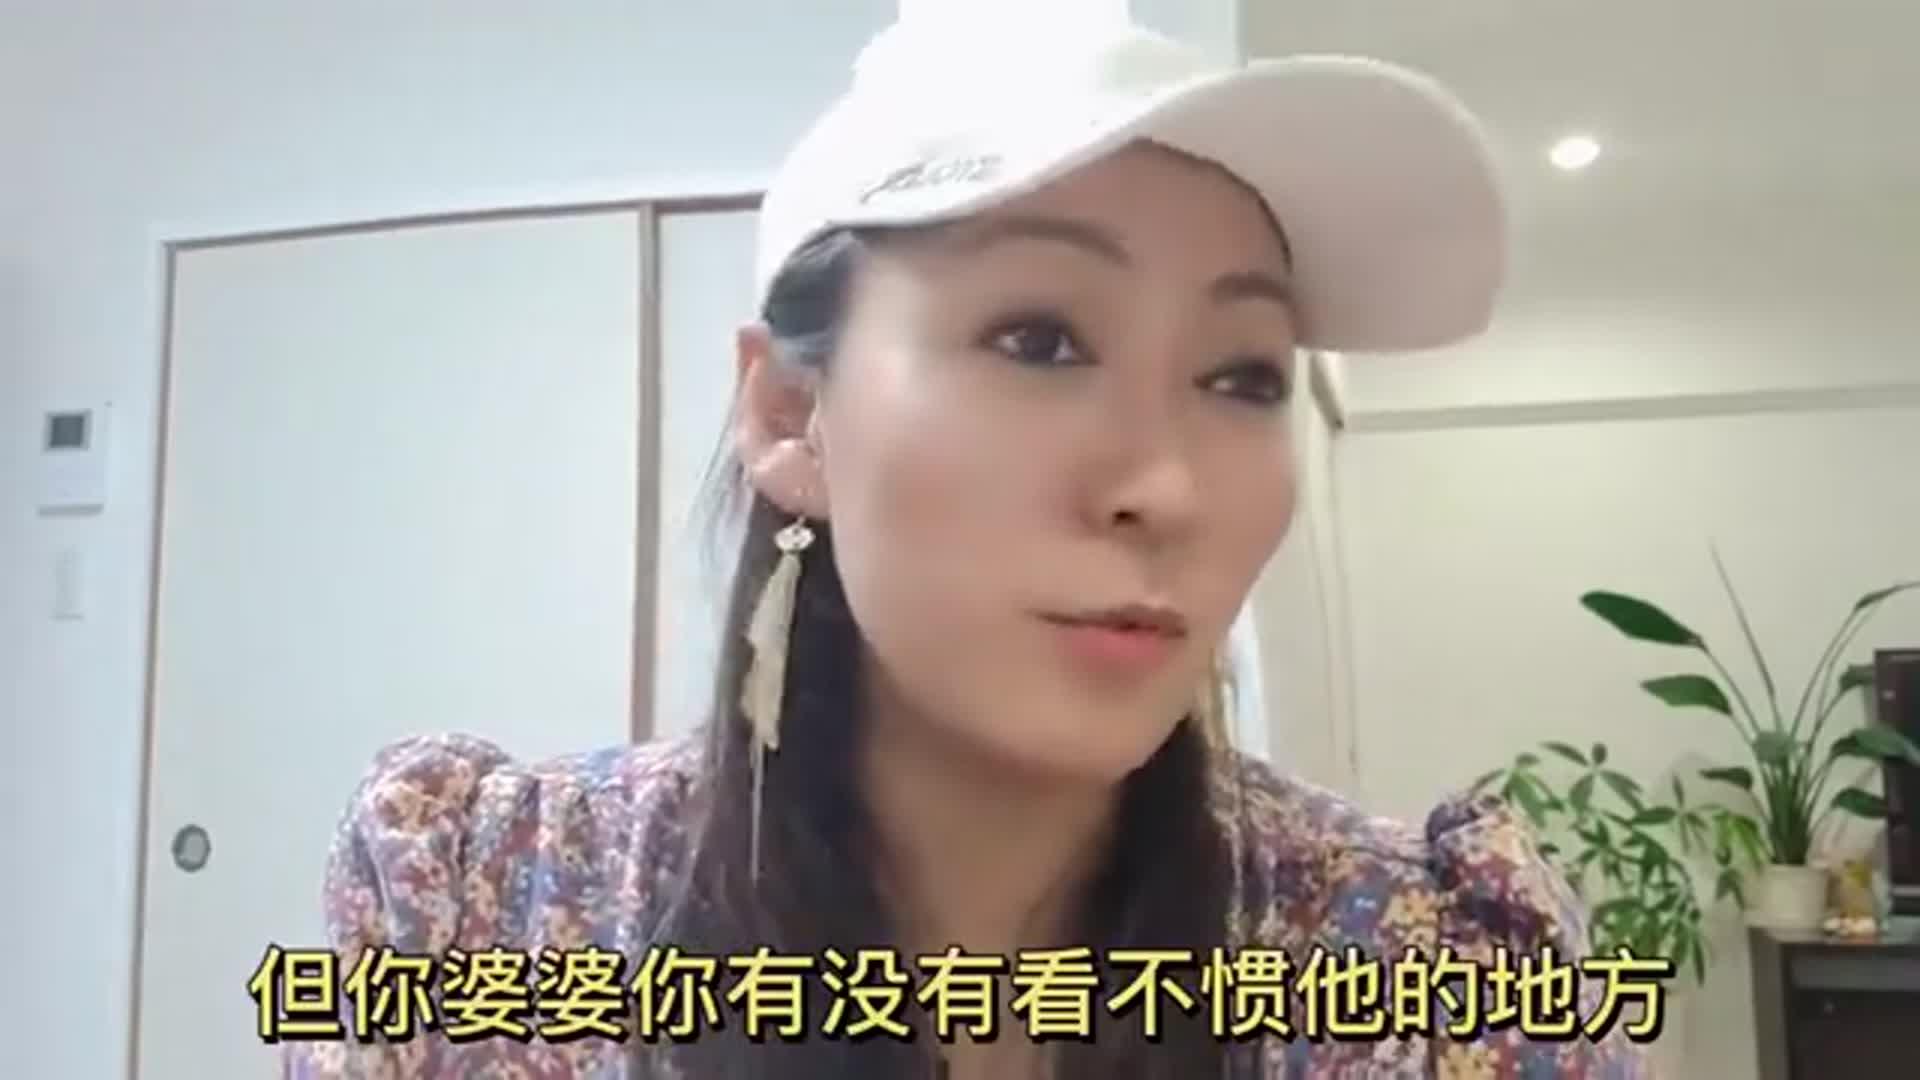 日本婆婆帮忙照顾孩子,磕到了小孩脑袋,中国妈妈不愿意了